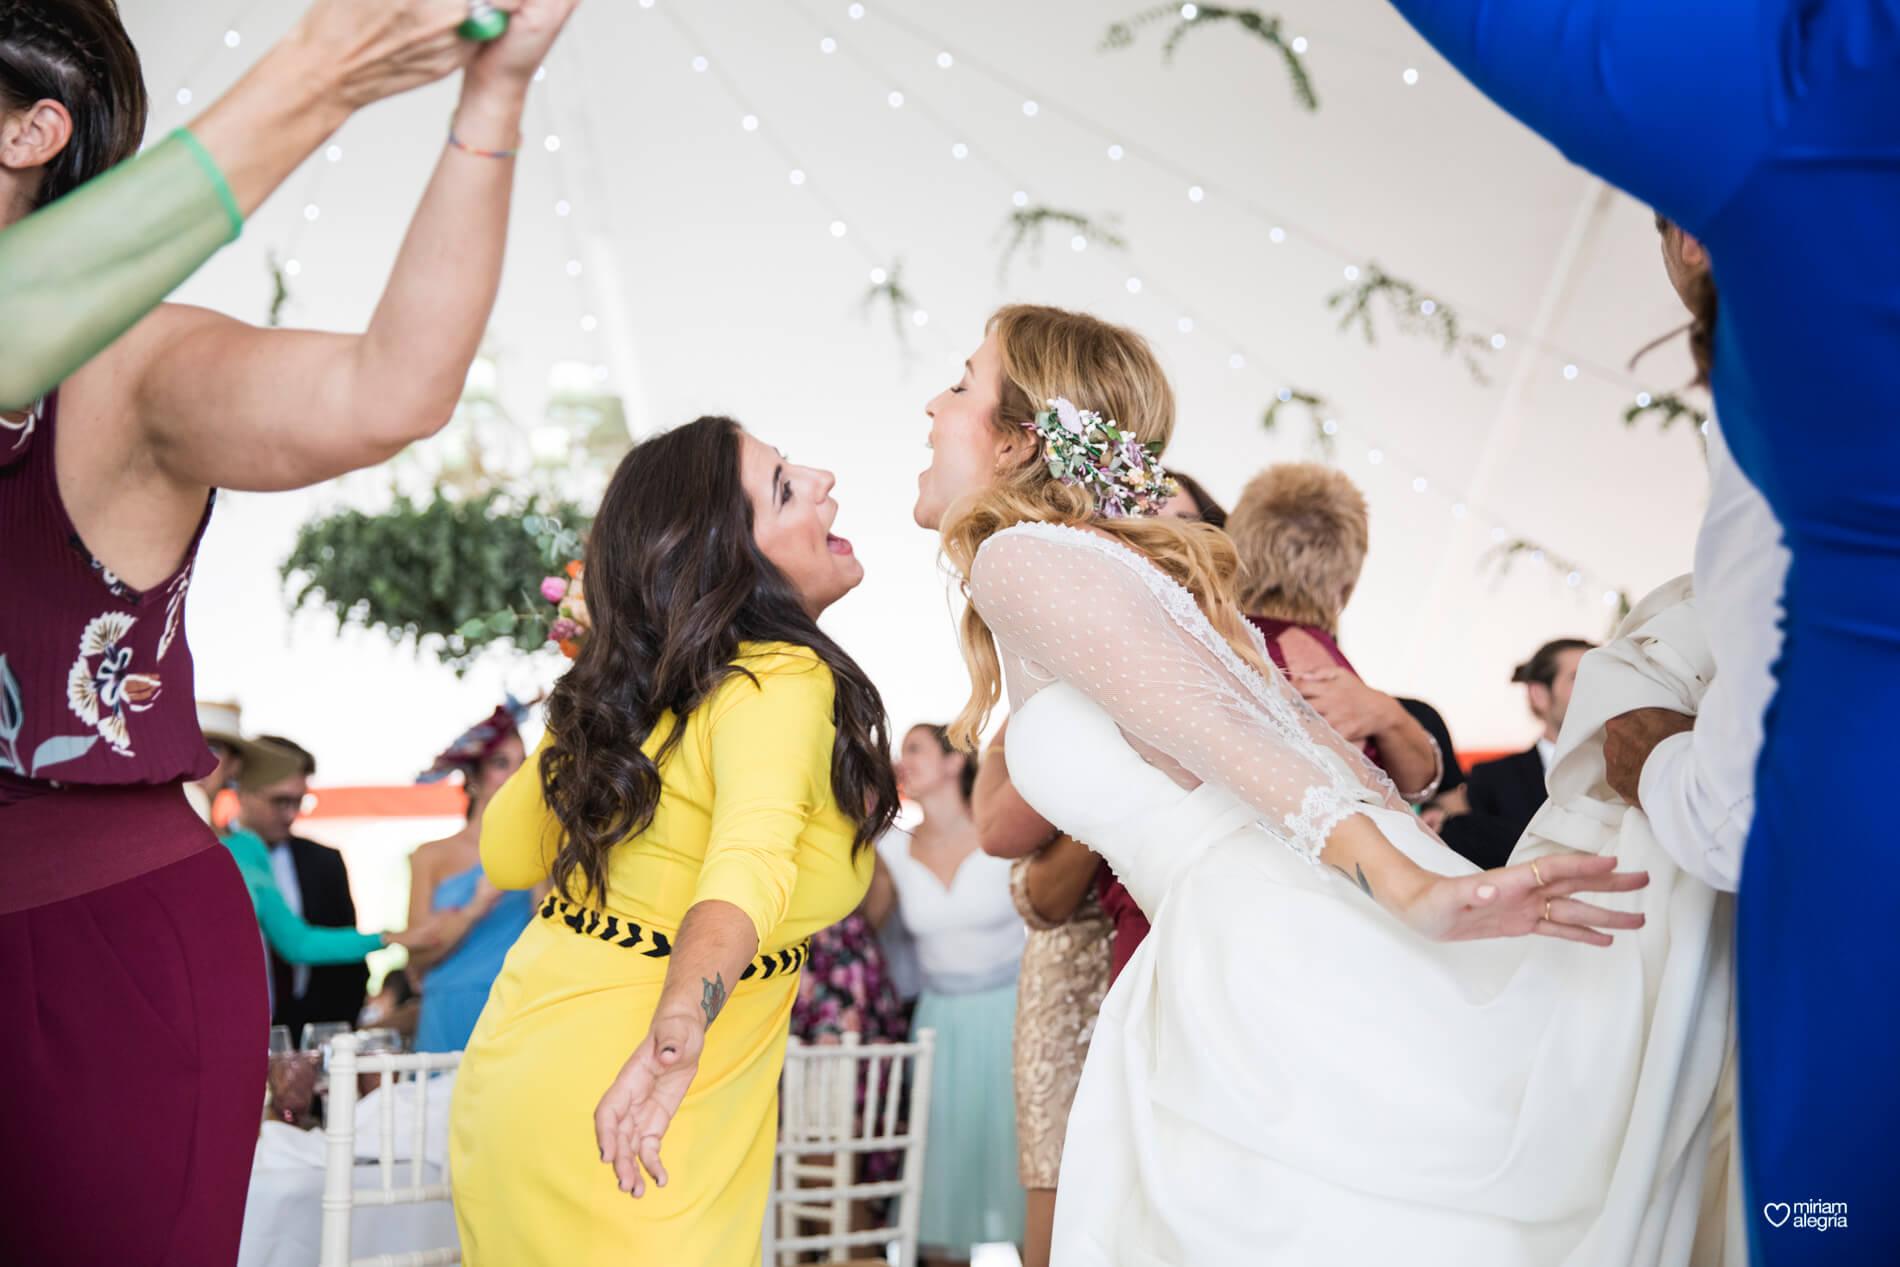 boda-en-finca-villa-vera-de-alemc7-miriam-alegria-fotografos-boda-murcia-189